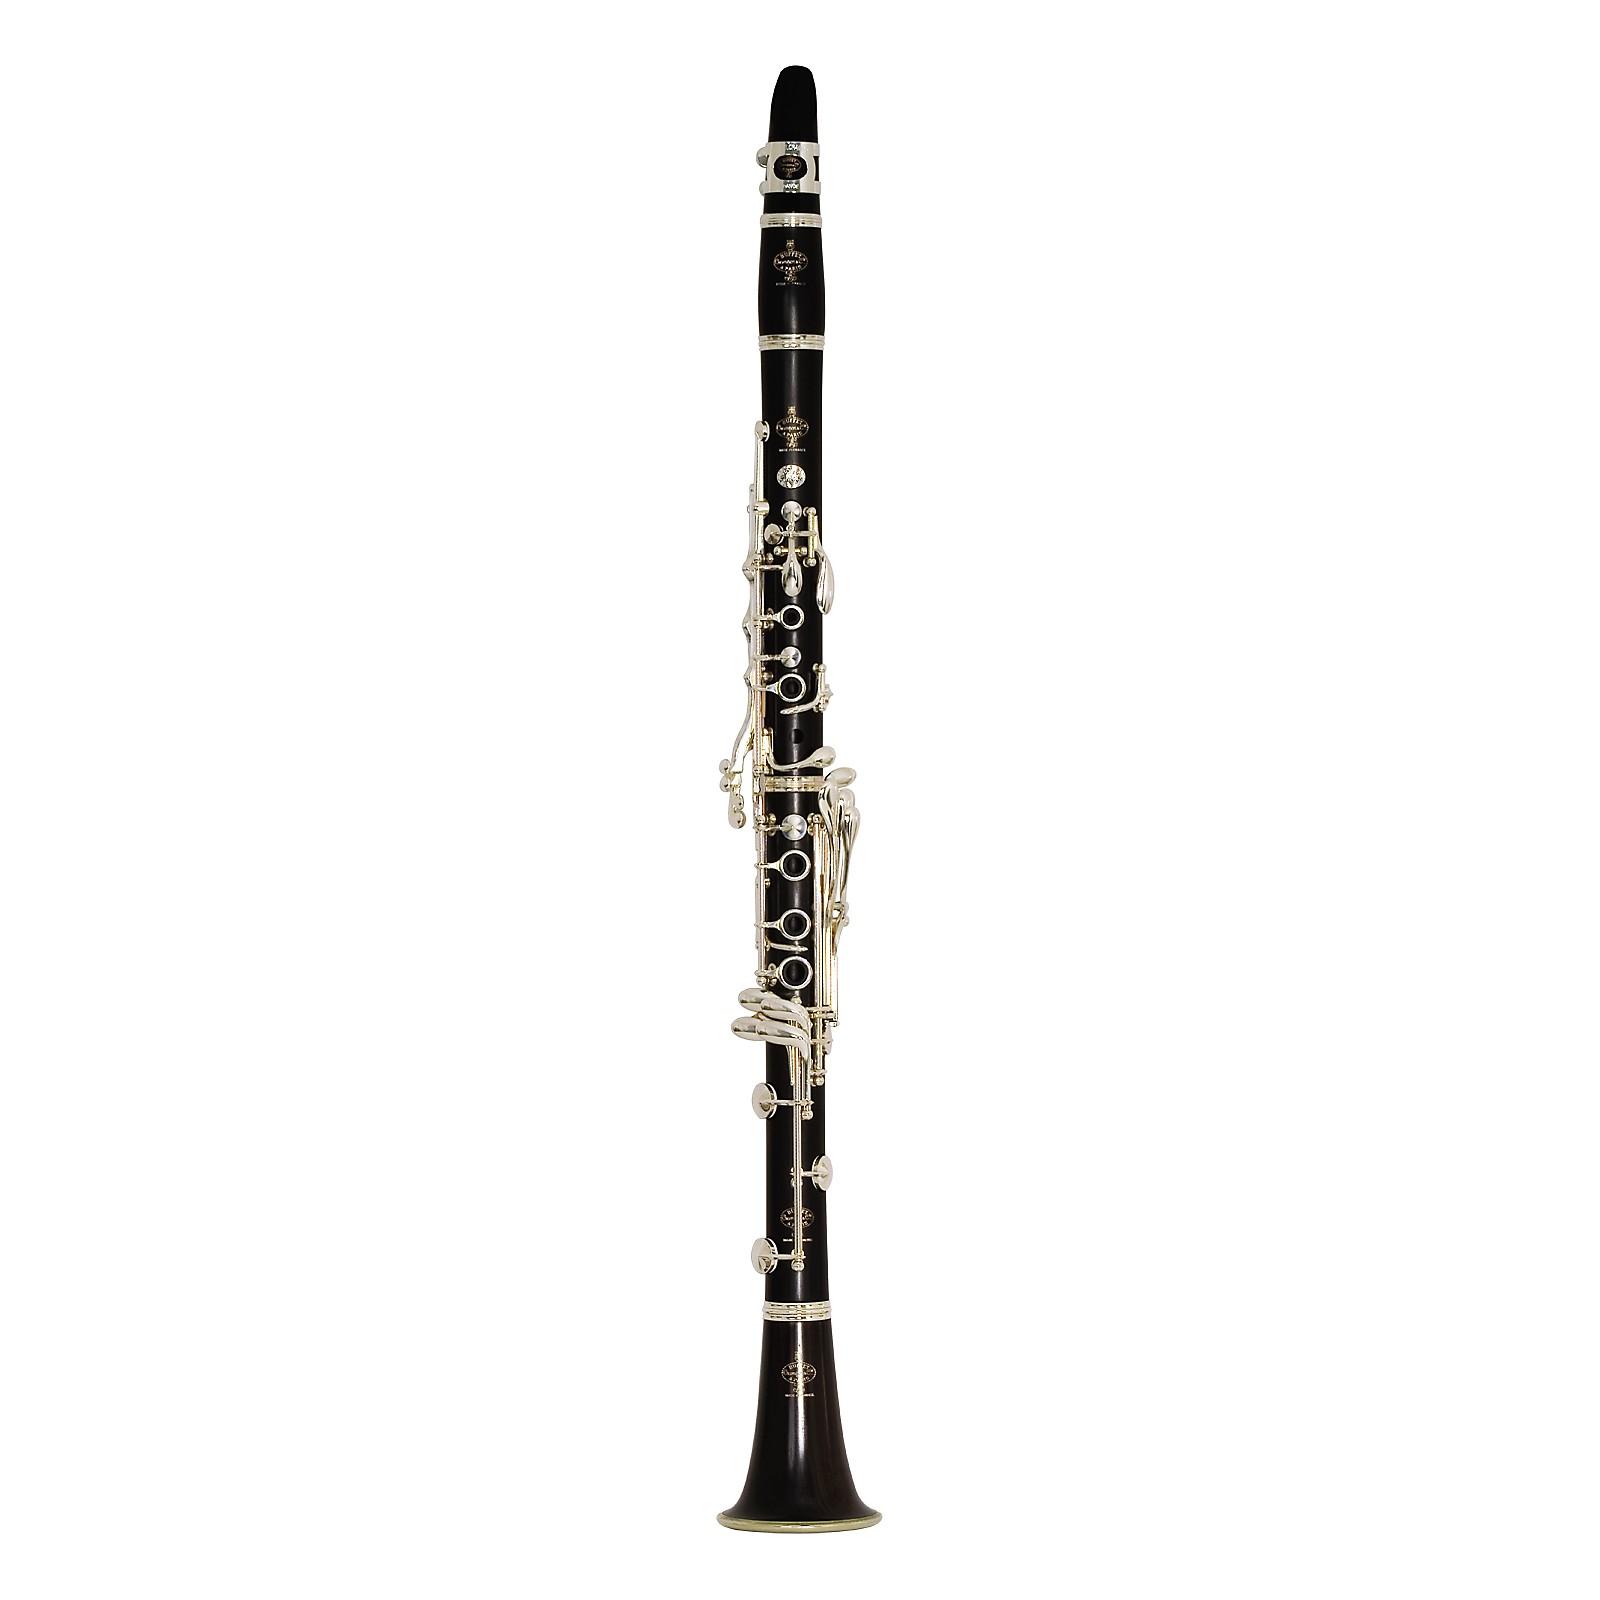 Buffet Crampon Prestige R13 A Clarinet